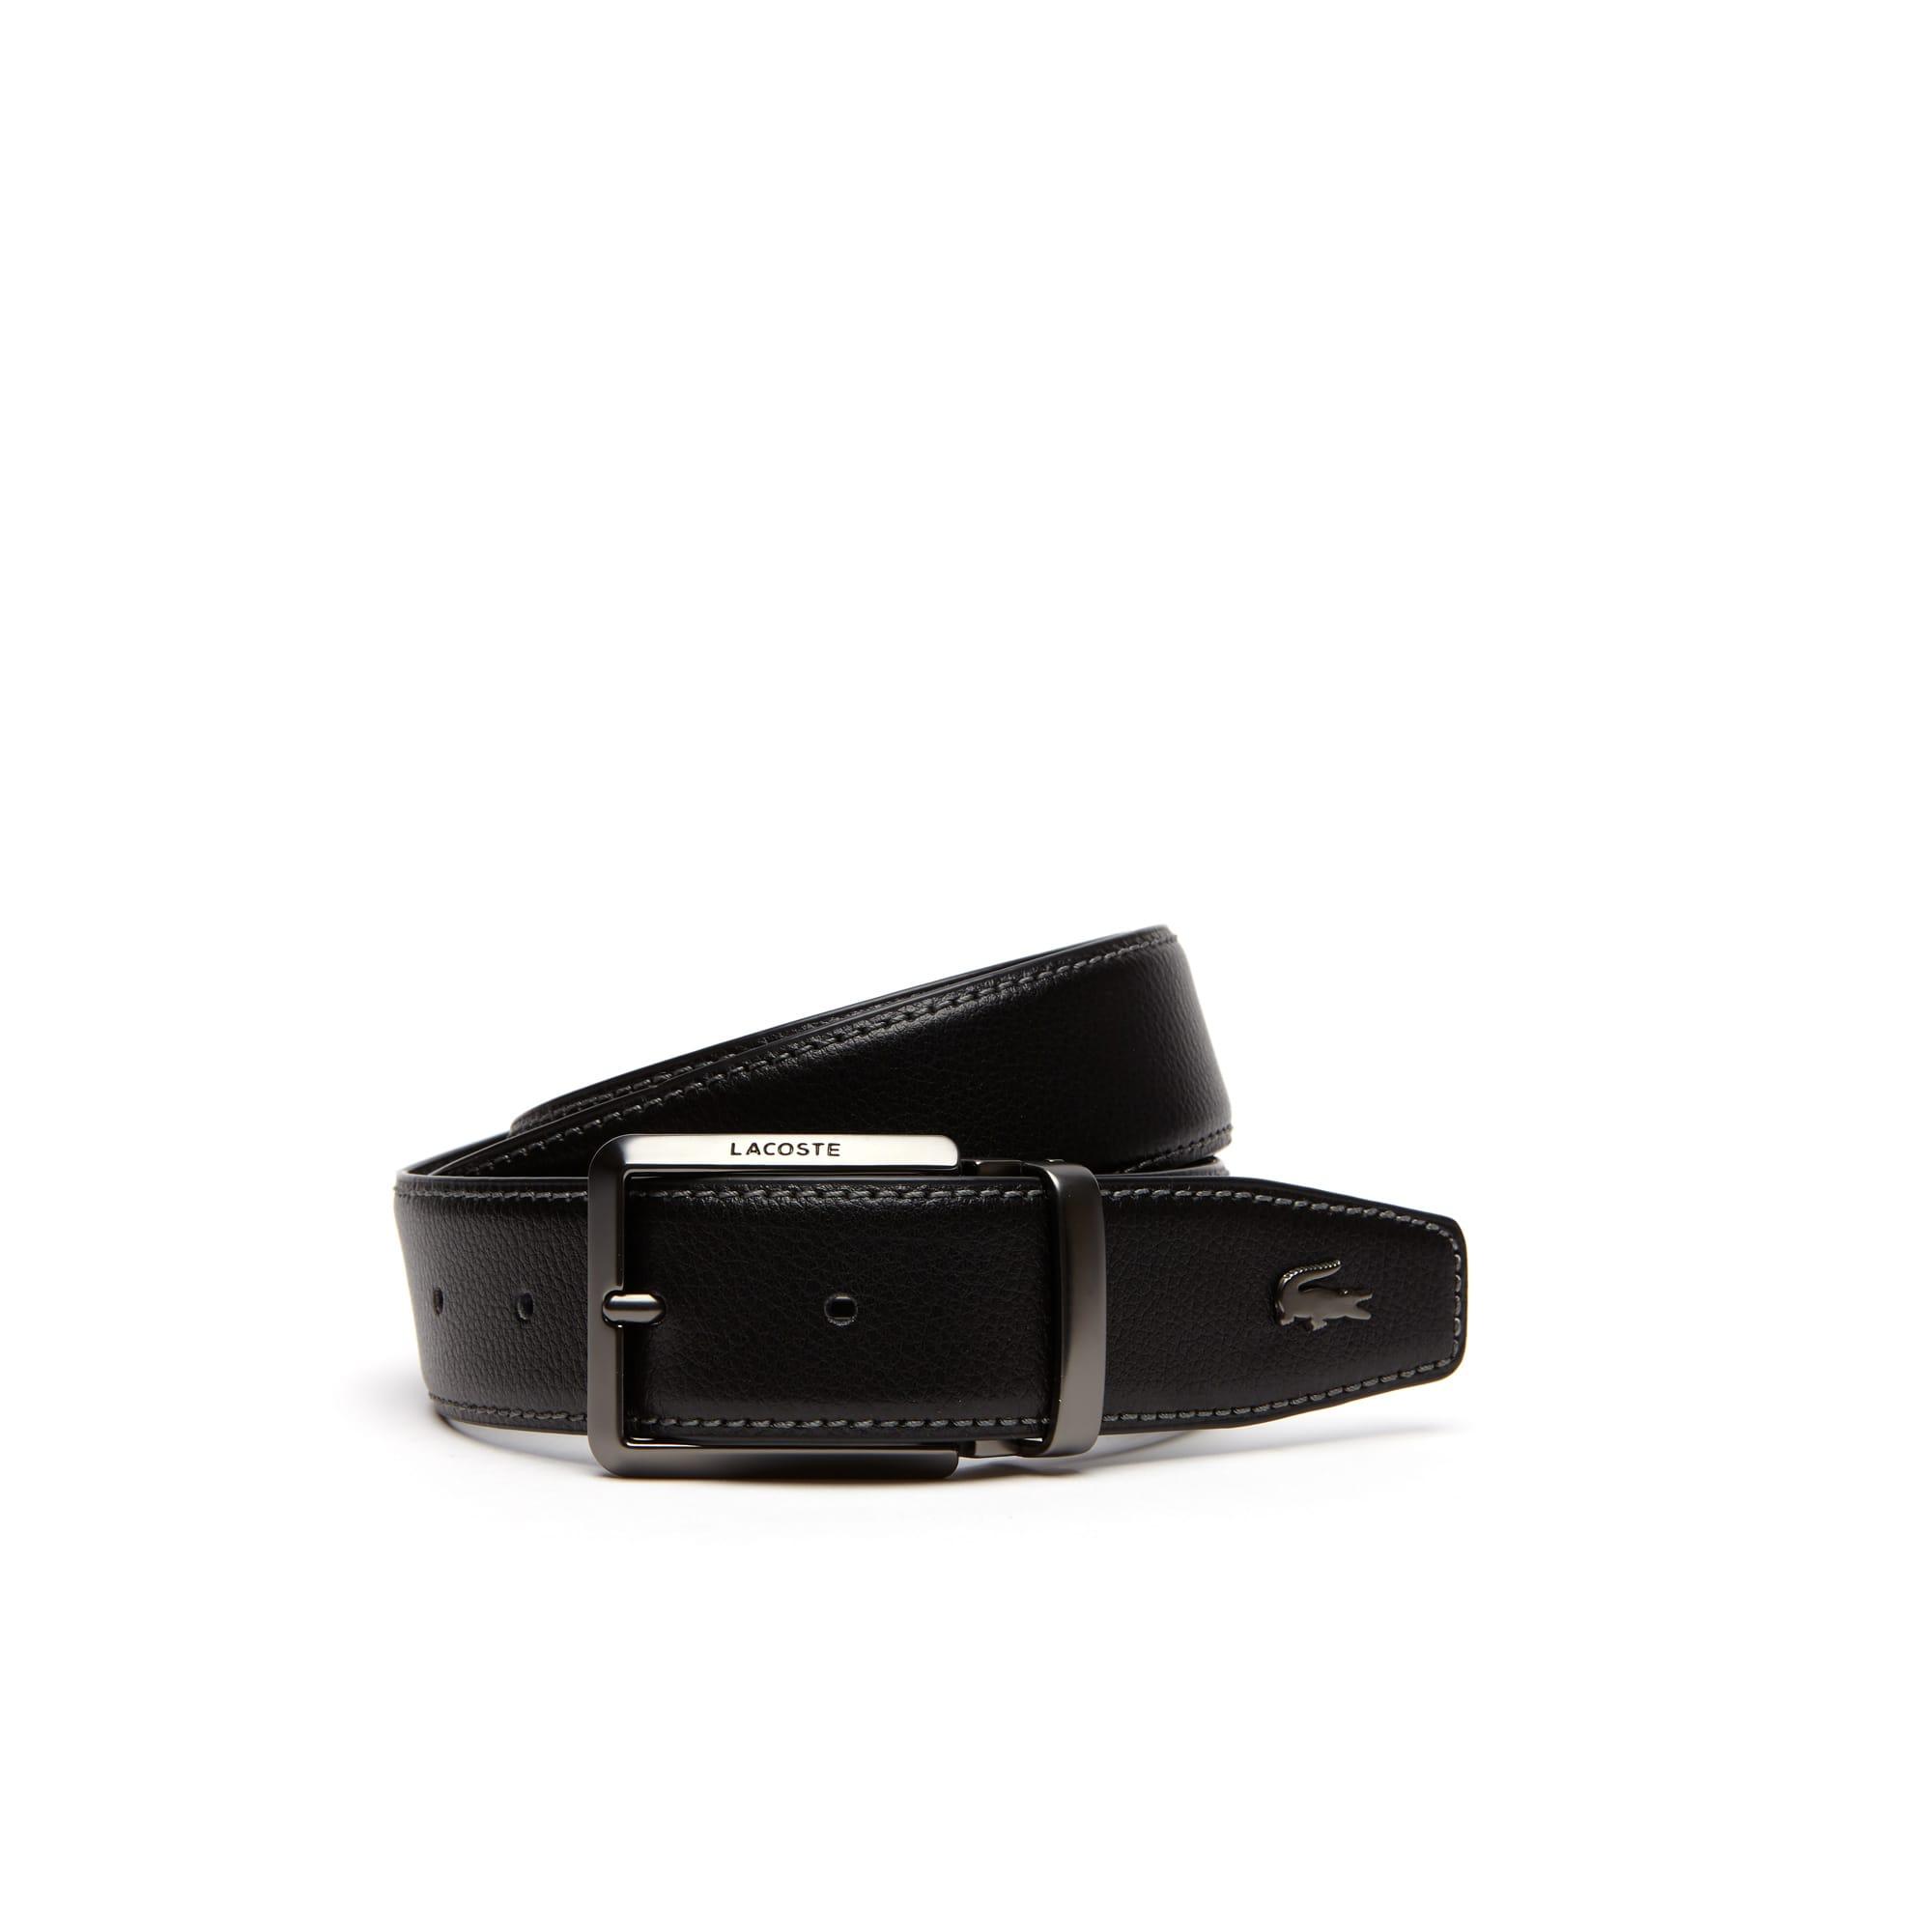 Cintura in pelle reversibile con fibbia ad ardiglione dotata di incisione Lacoste